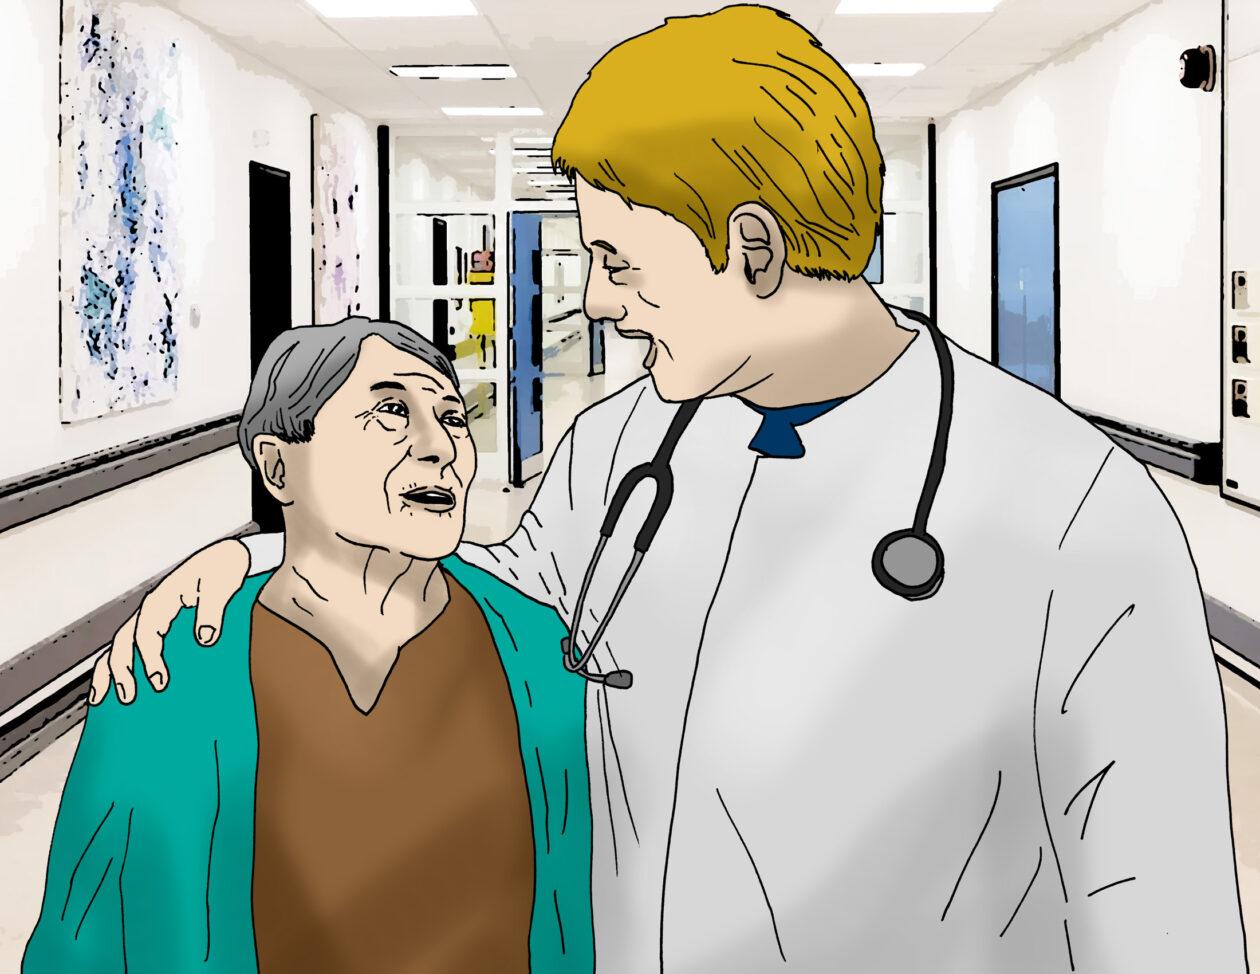 empathy, medicine, empathy in medicine